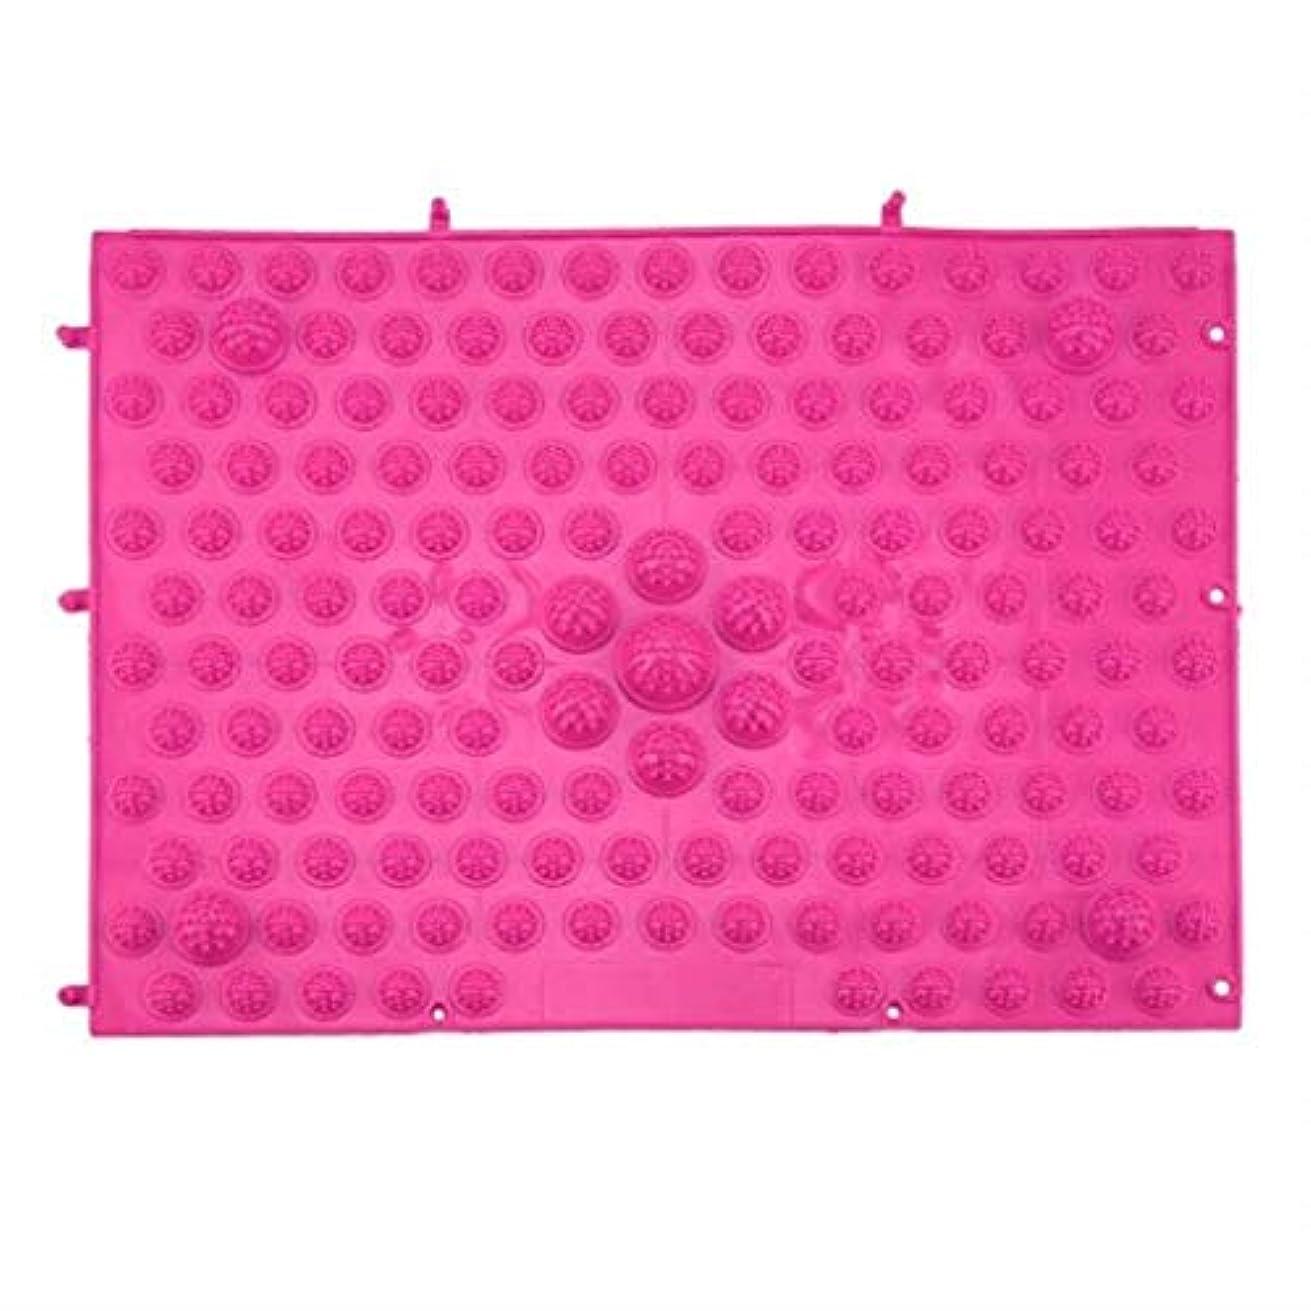 ファイル食用医薬マッサージクッション、指圧フットパッド、リフレクソロジーウォーキングマッサージパッド、痛みを和らげ、筋肉をリラックス37x27.5cm (Color : Rose Red)